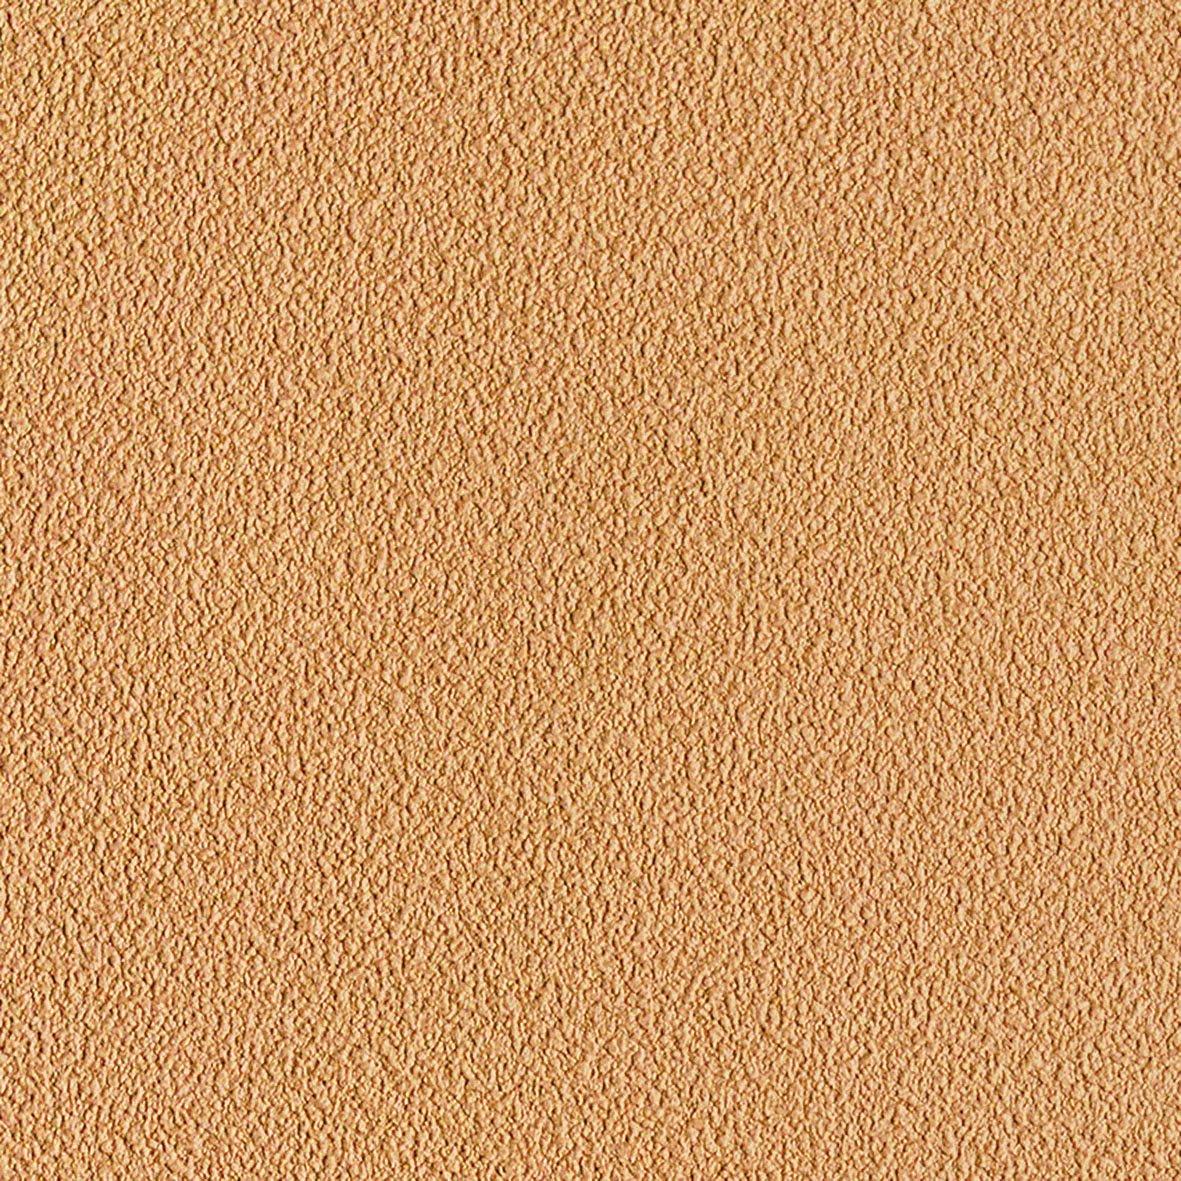 リリカラ 壁紙41m ナチュラル 石目調 ブラウン LL-8280 B01N02NW8H 41m|ブラウン2